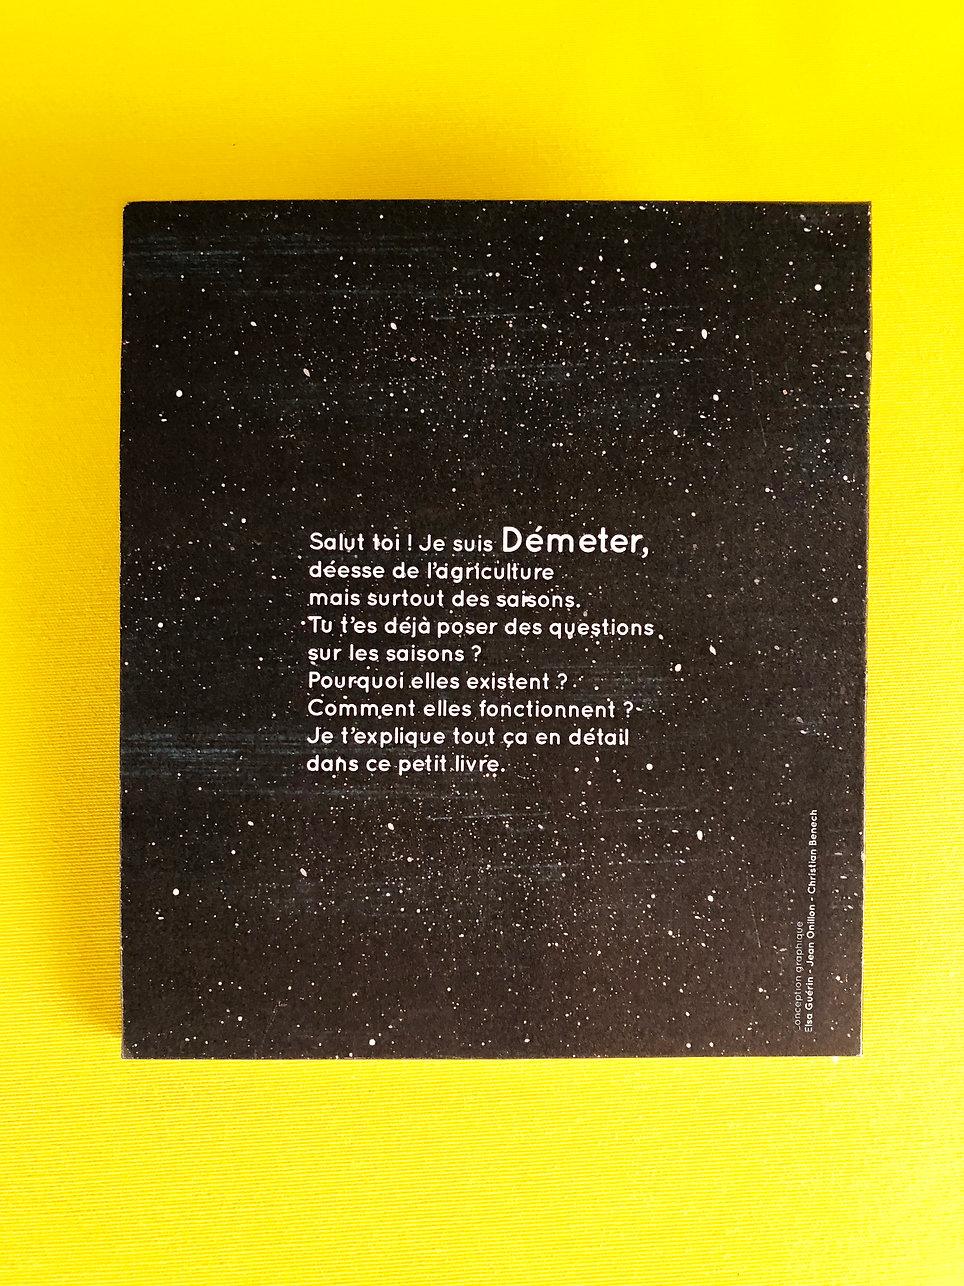 Livre_dos_demeter_intérieur_collection_p